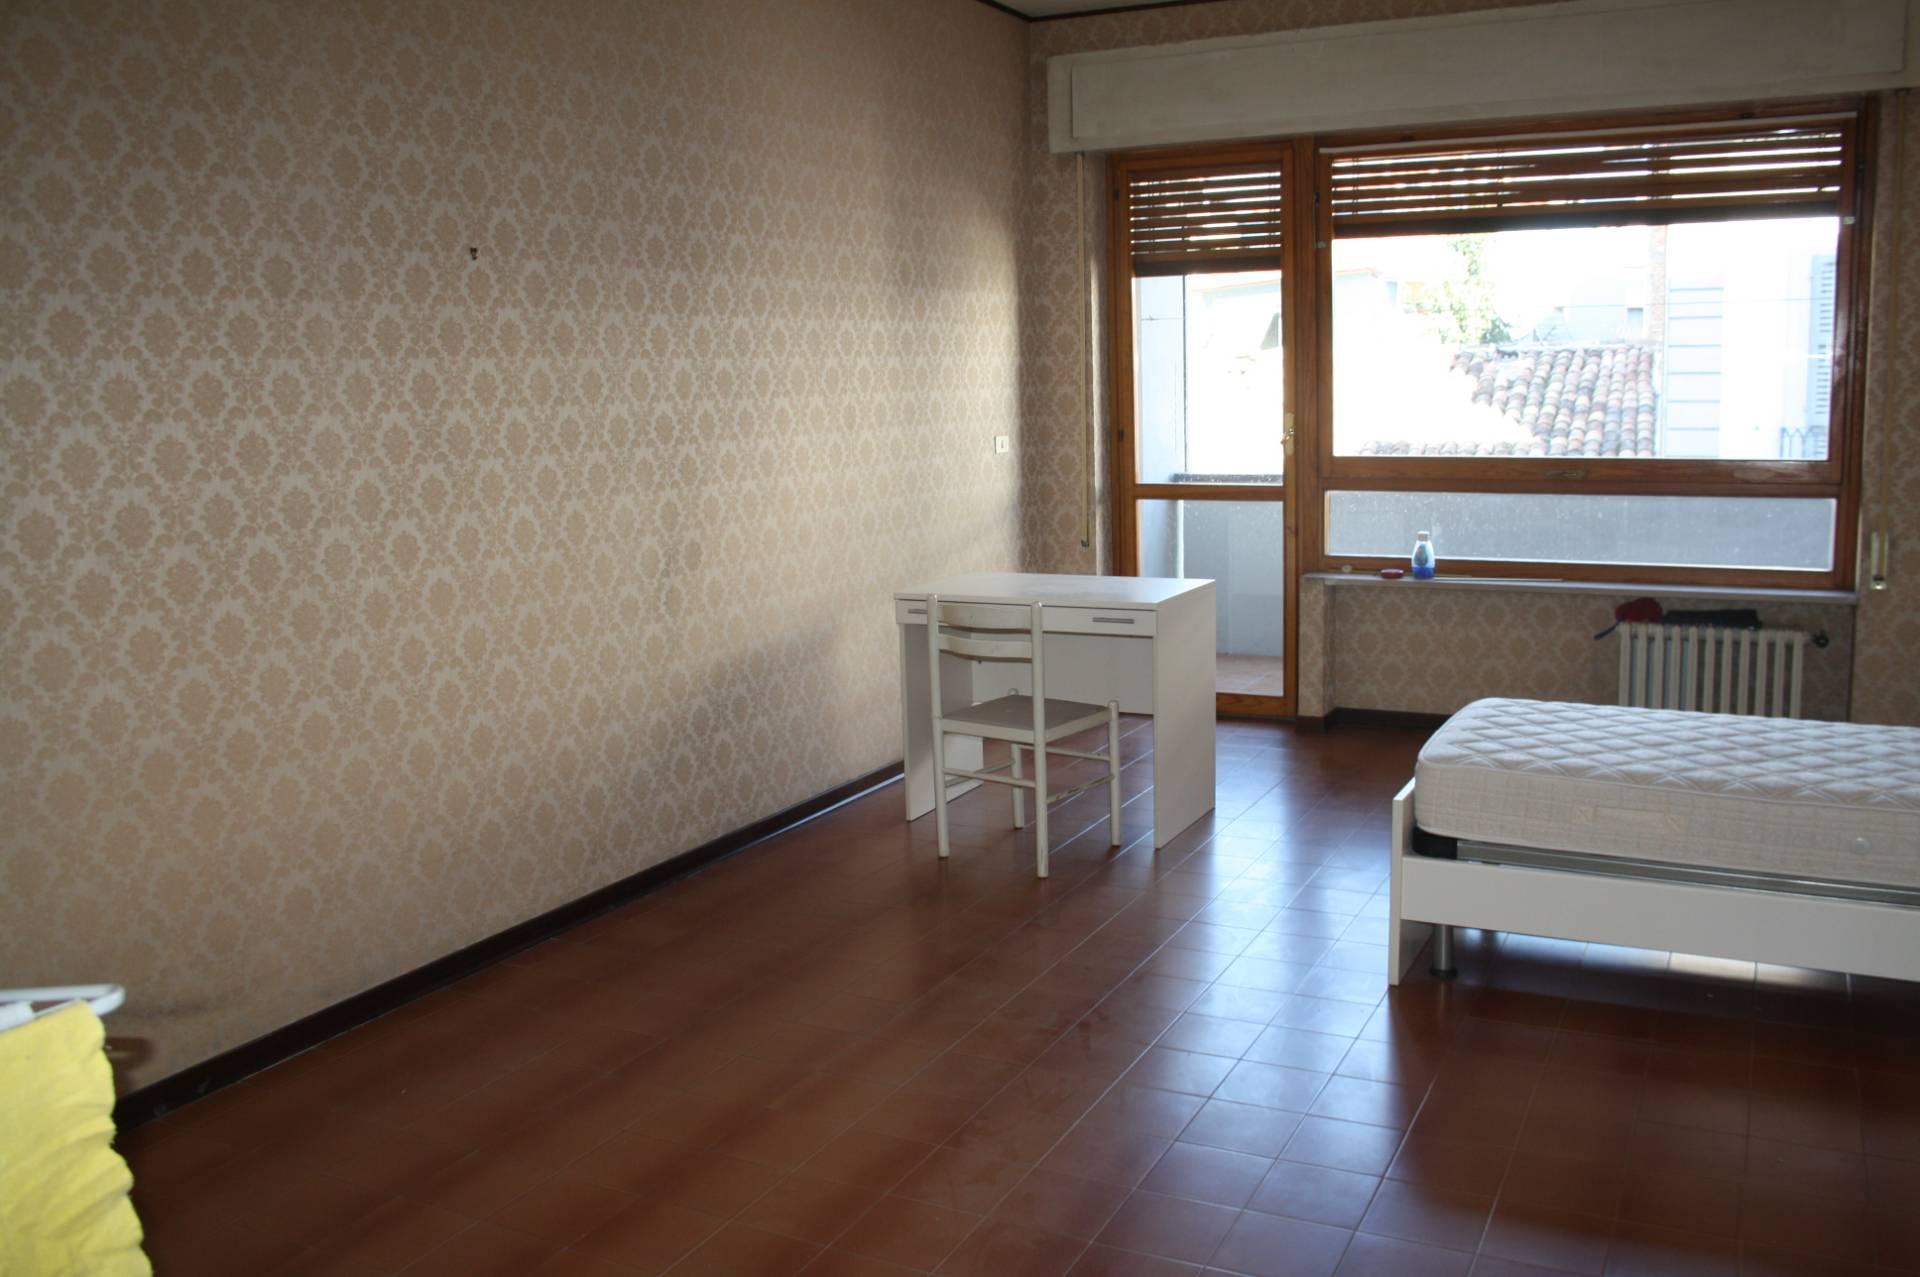 Appartamento in affitto a Teramo, 4 locali, zona Zona: Centro , prezzo € 155   CambioCasa.it